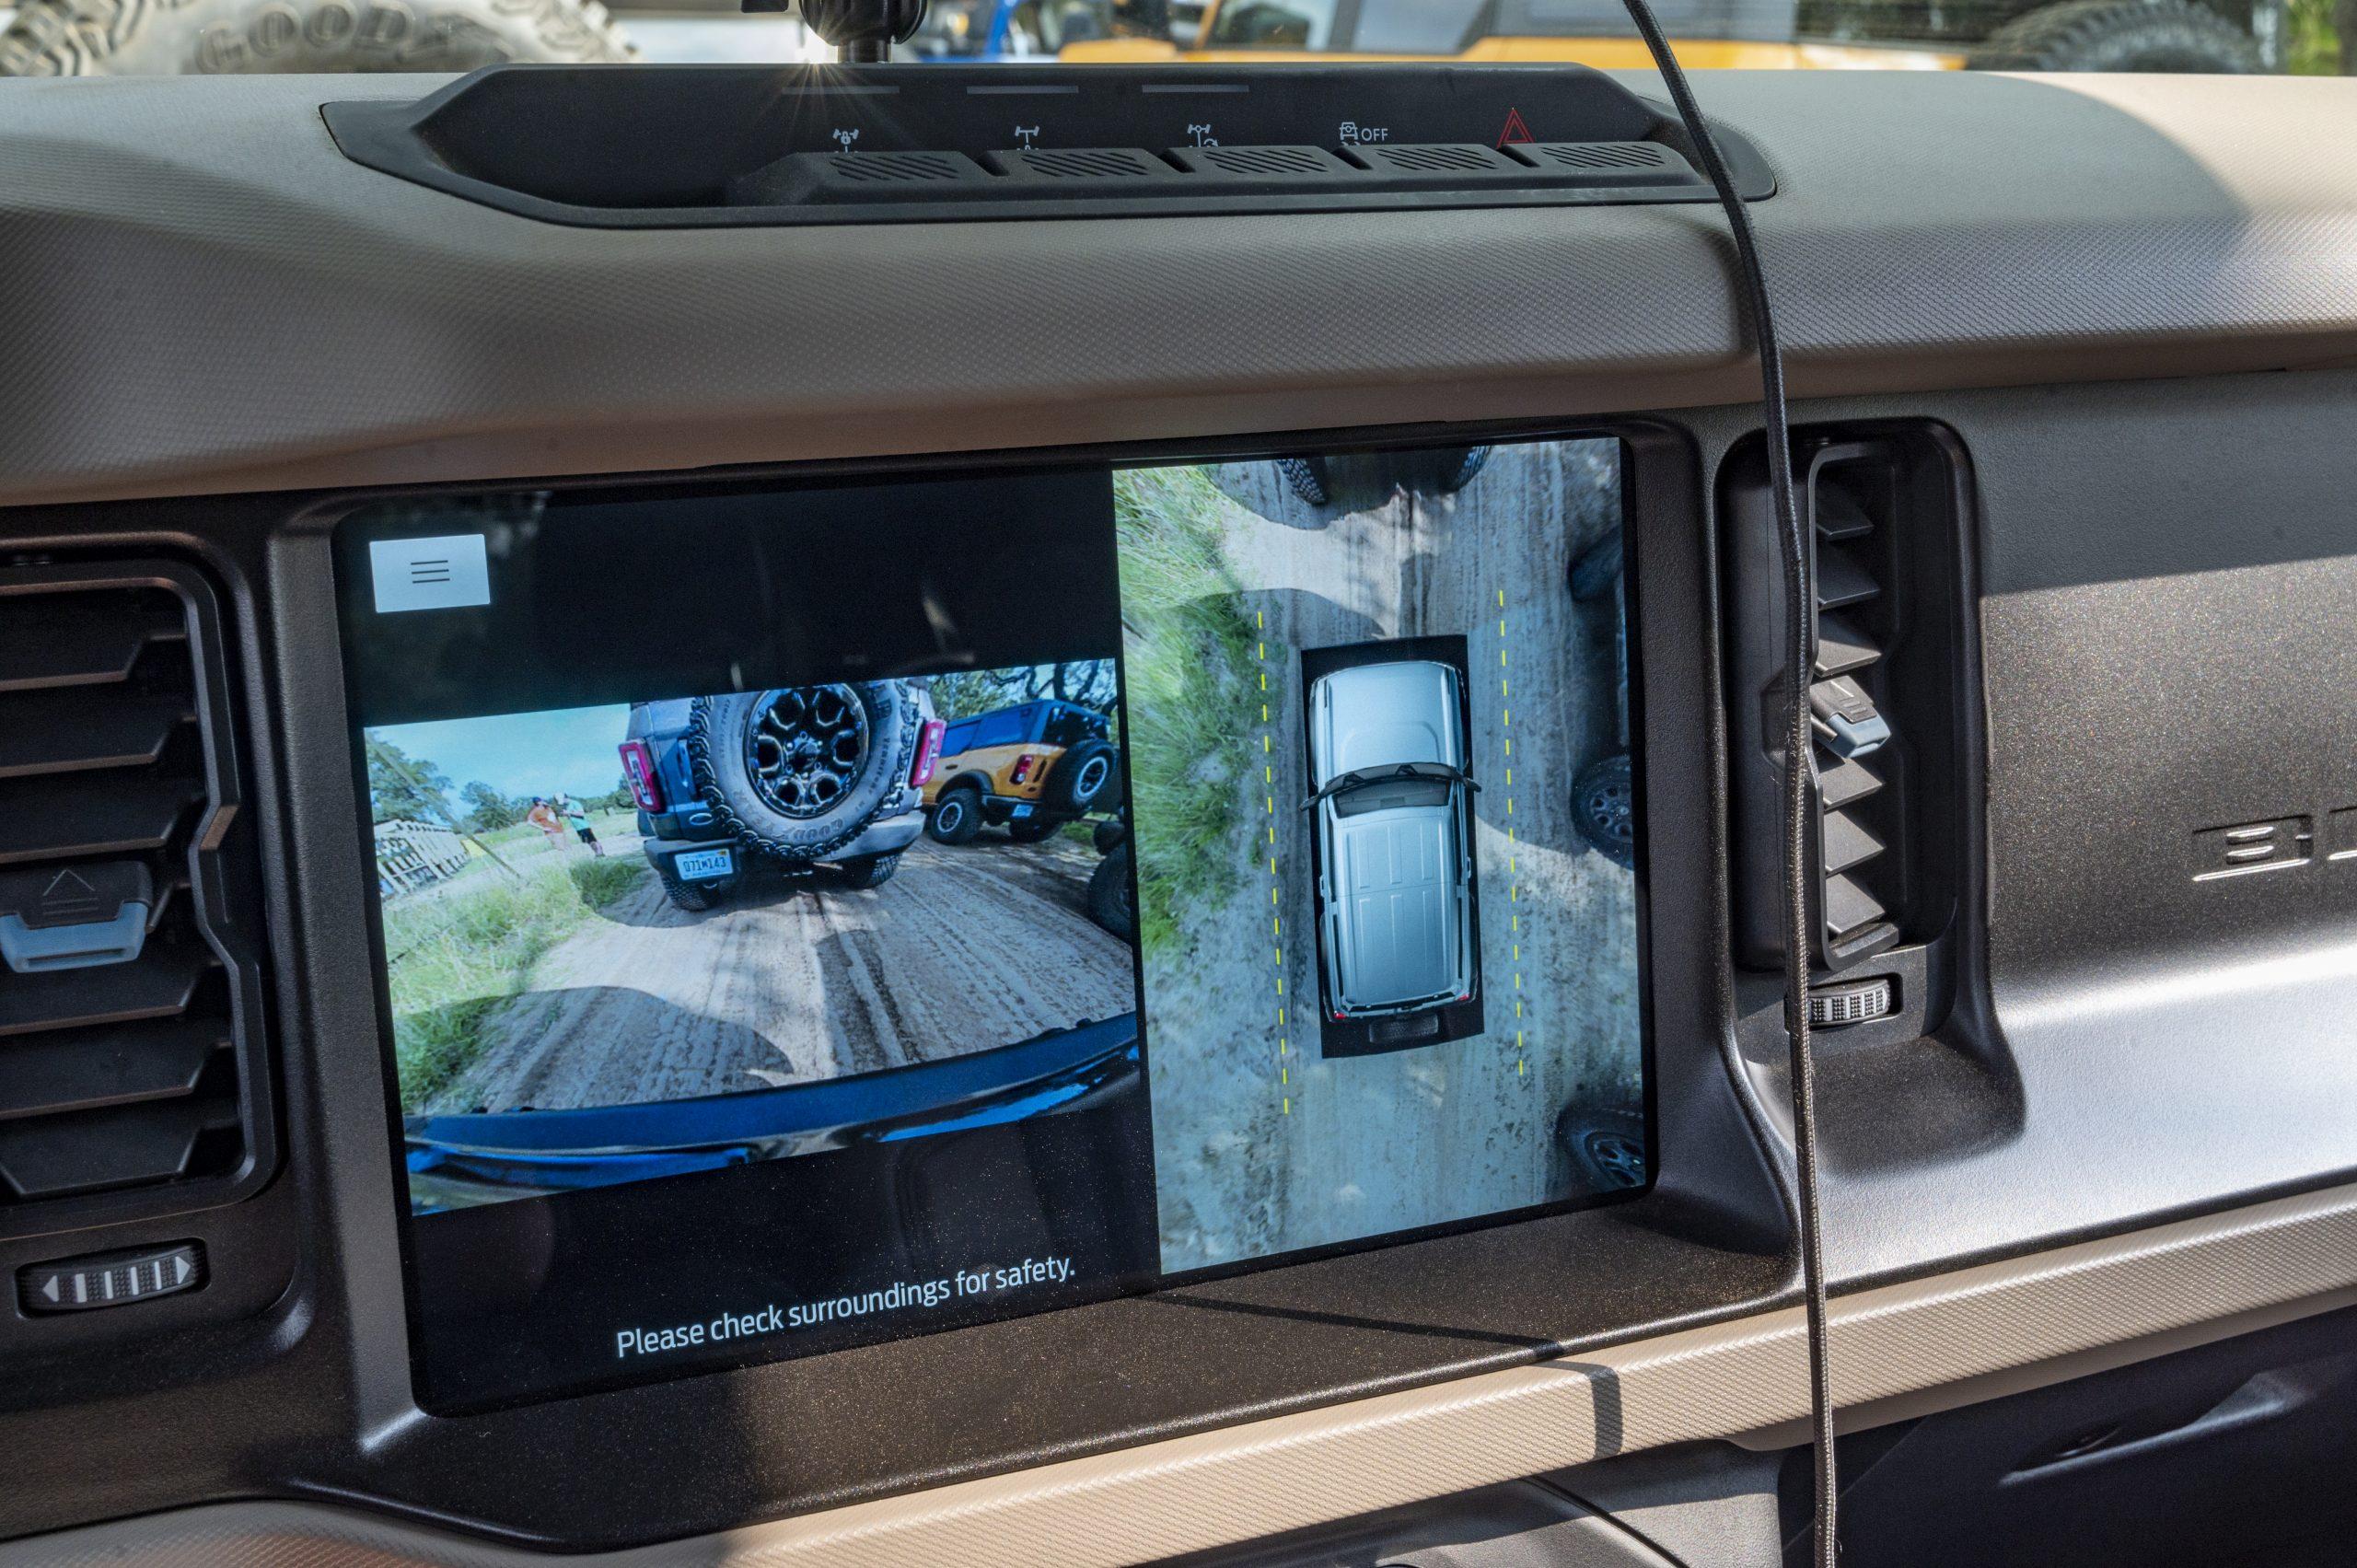 2021 Ford Bronco interior camera views